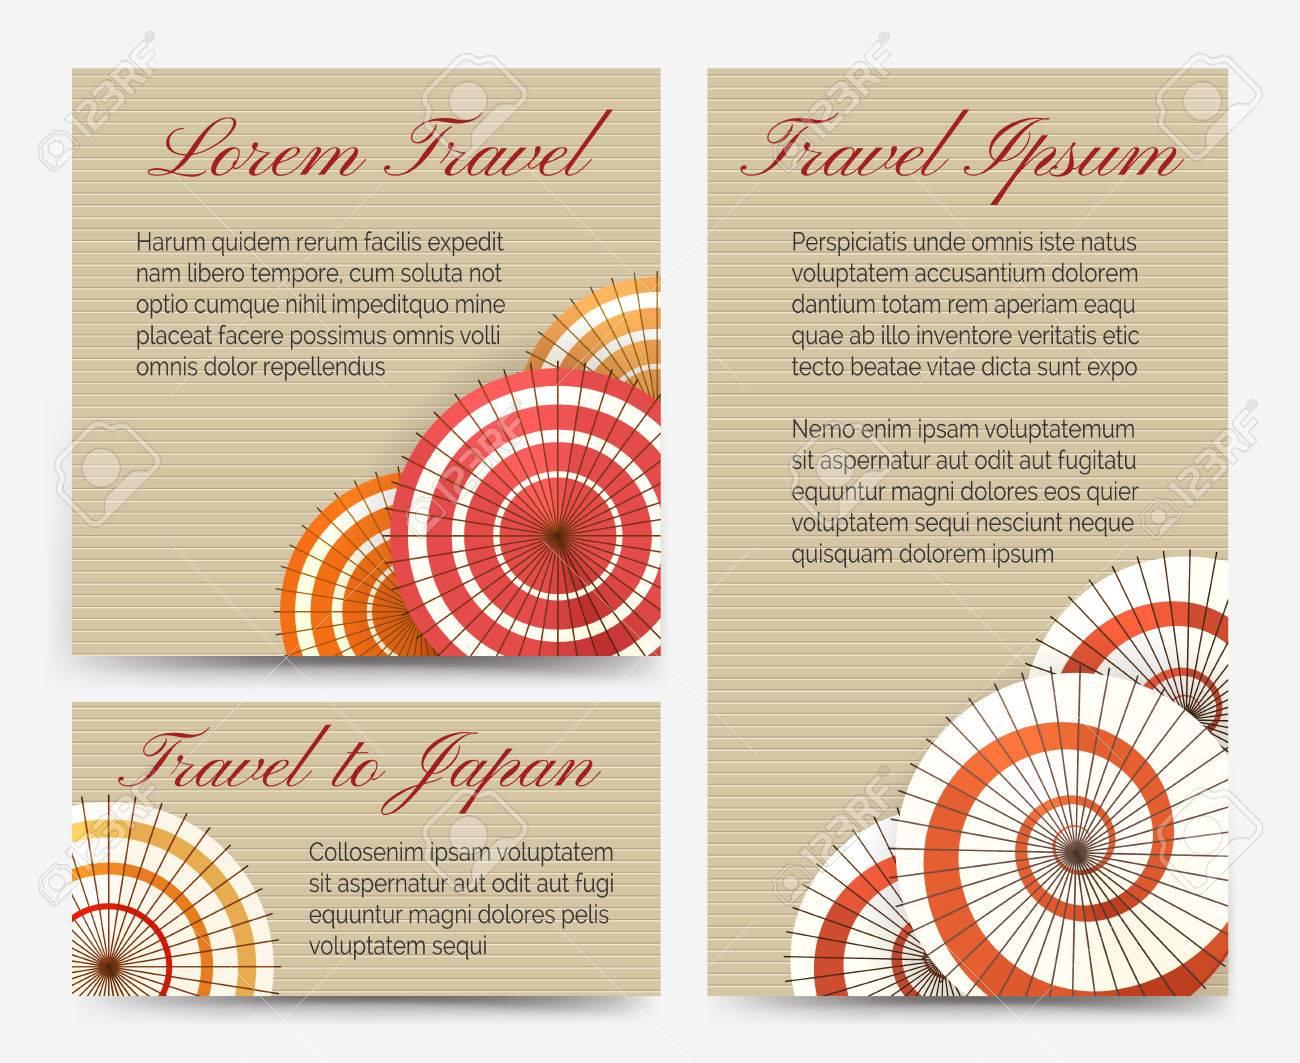 Tradicional Asiática Tarjetas De Invitación De Asia Con Paraguas Chino O Japonés Conjunto De Ilustración Vectorial